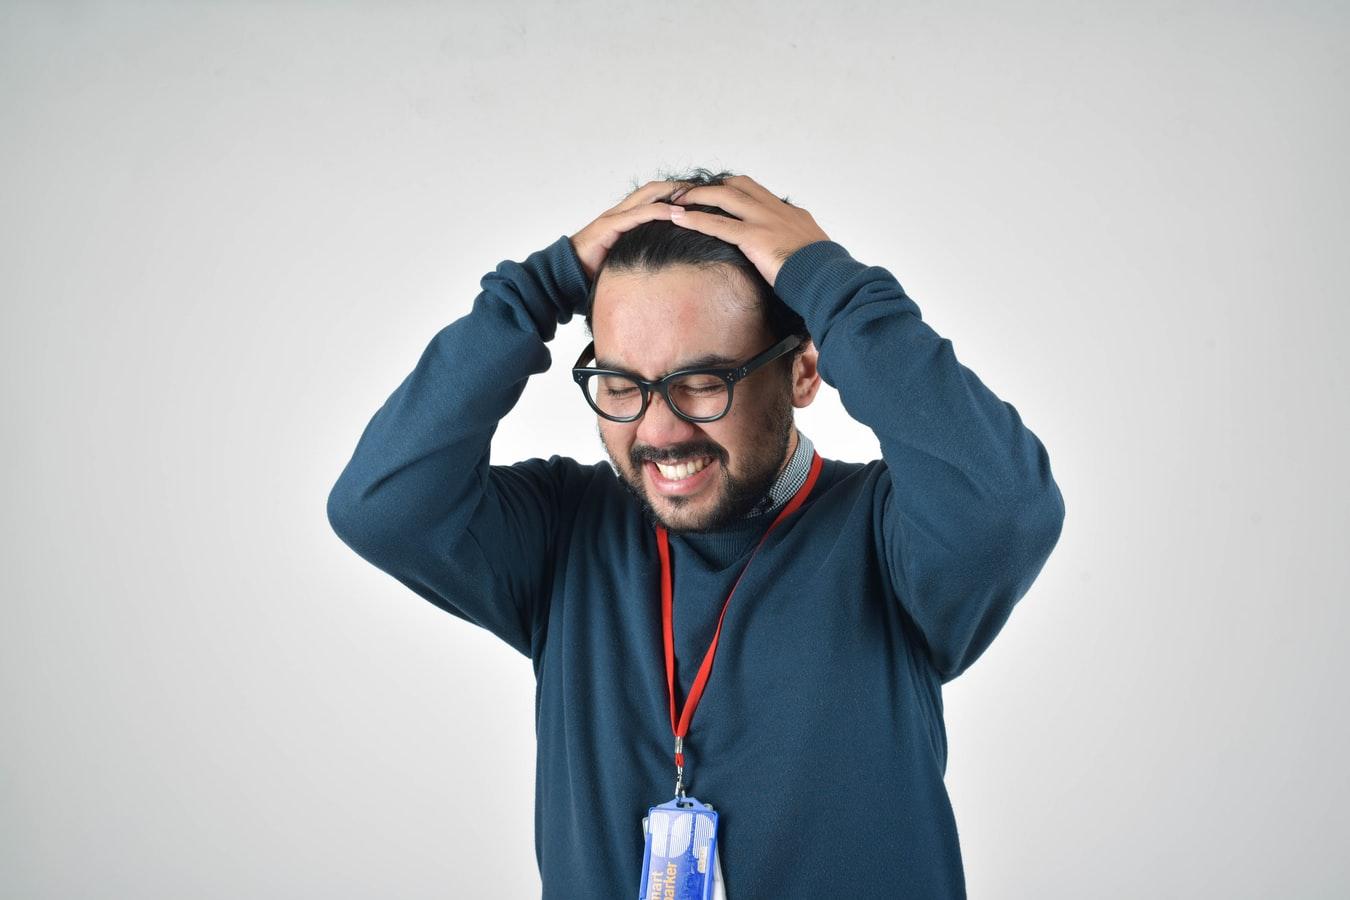 langdurige stress en angsten